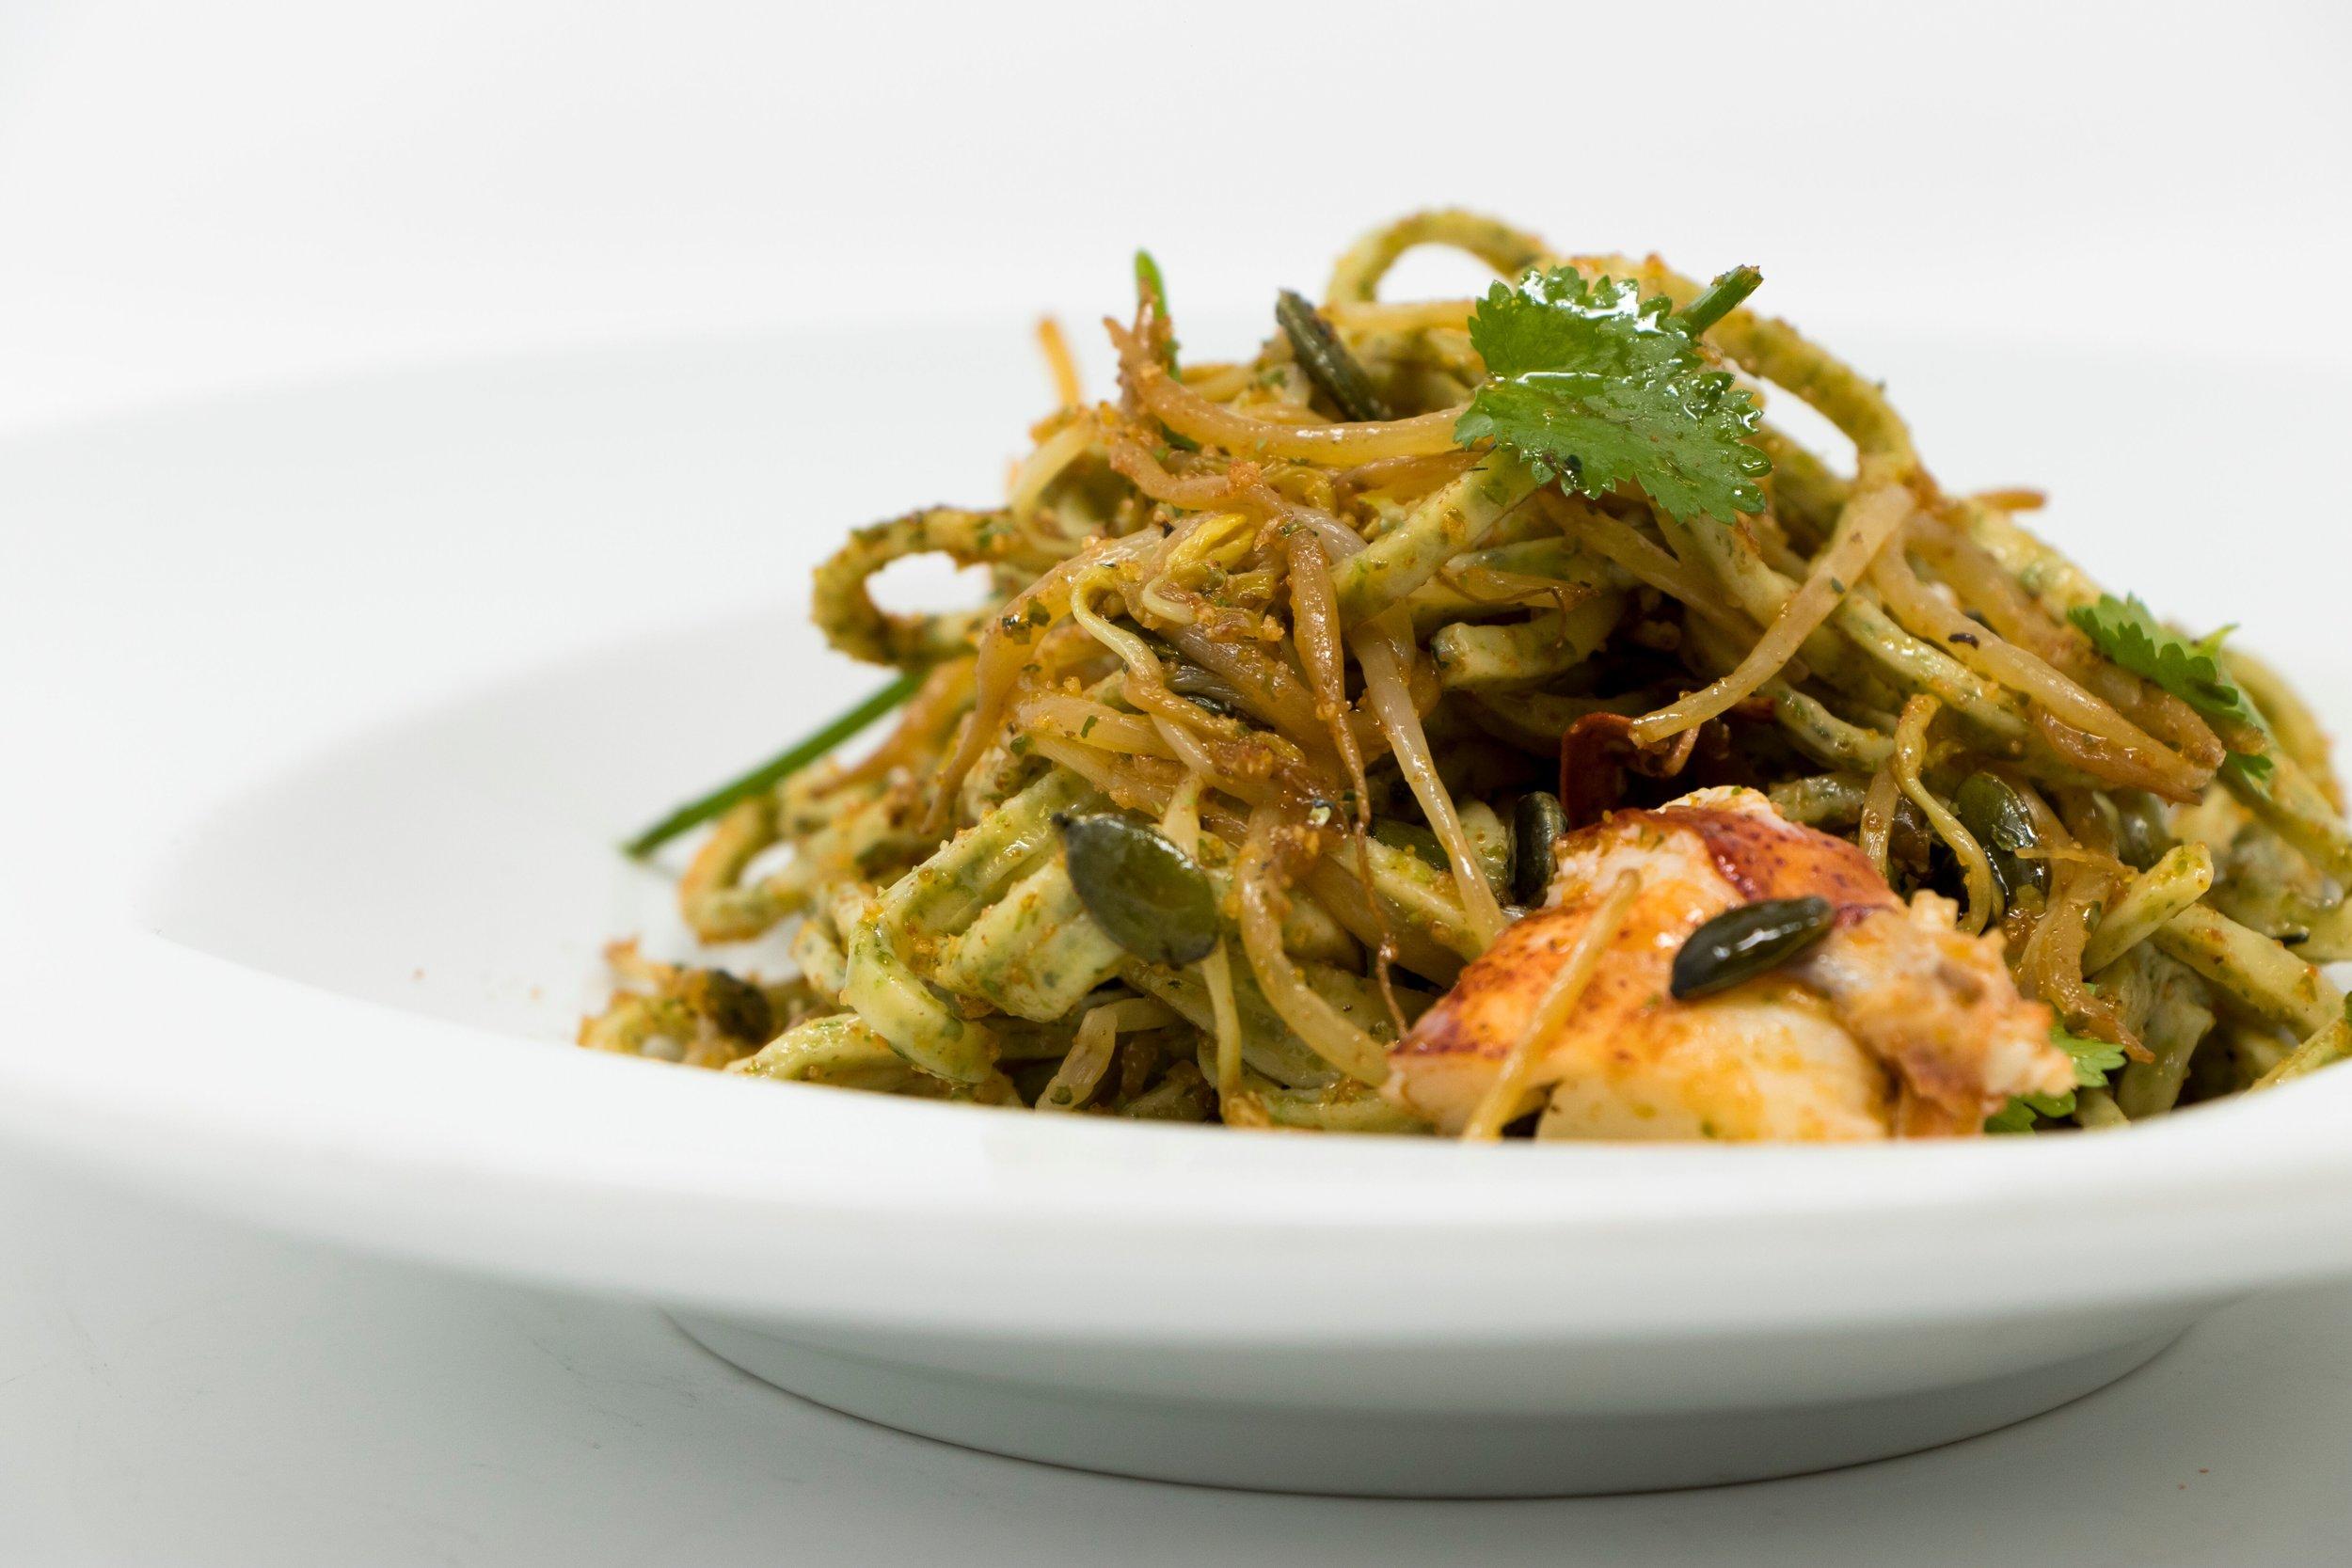 The professional photo of Spaghetti alla chitarra (made with algae) con astice (lobster). Photo by Daruma.